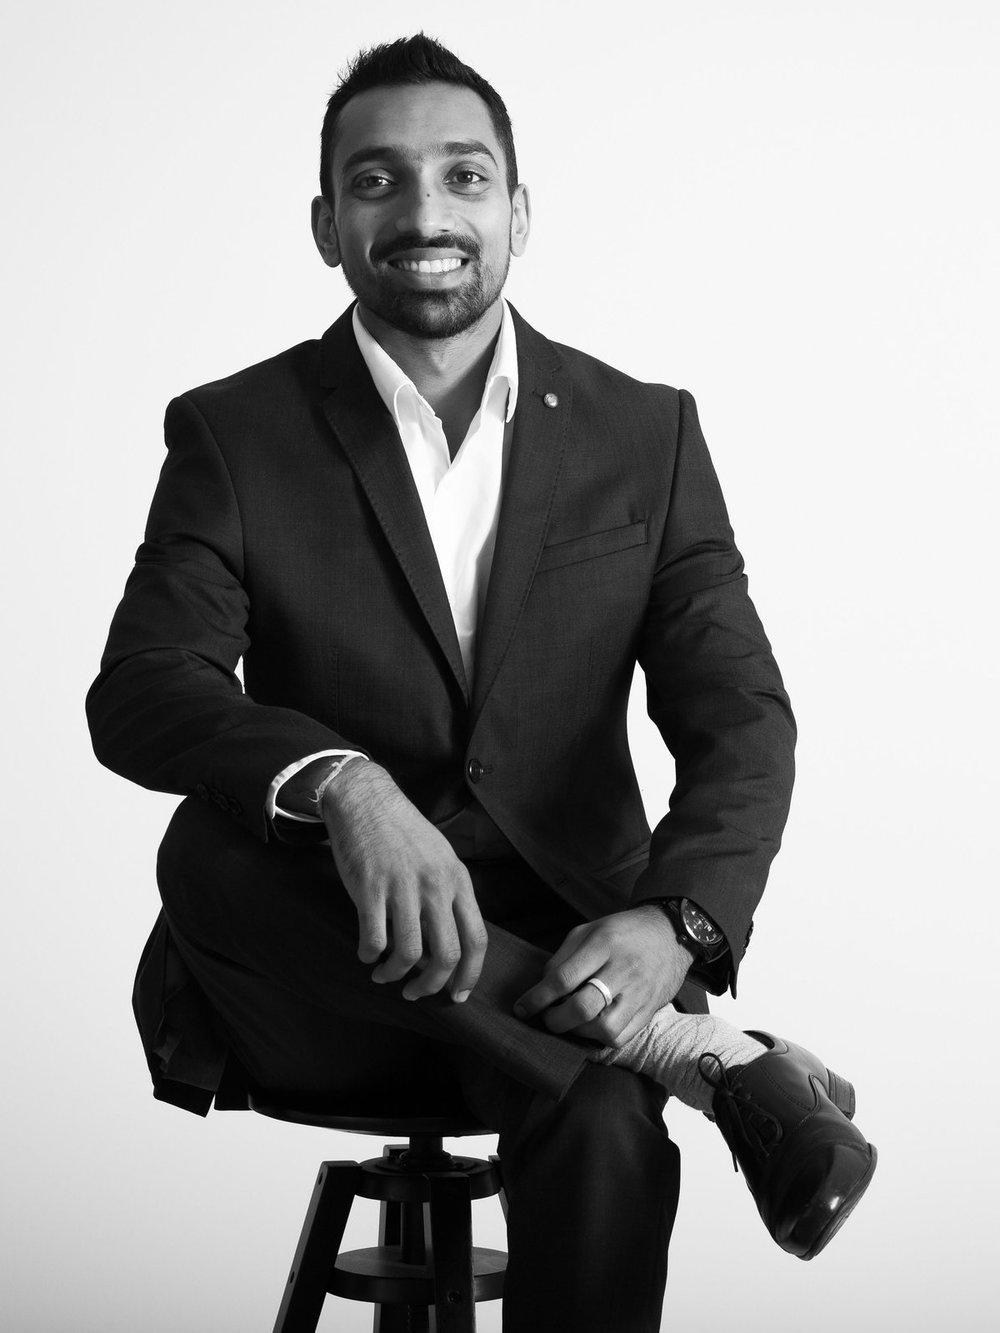 KASHISH SINDURIA  QA Engineer